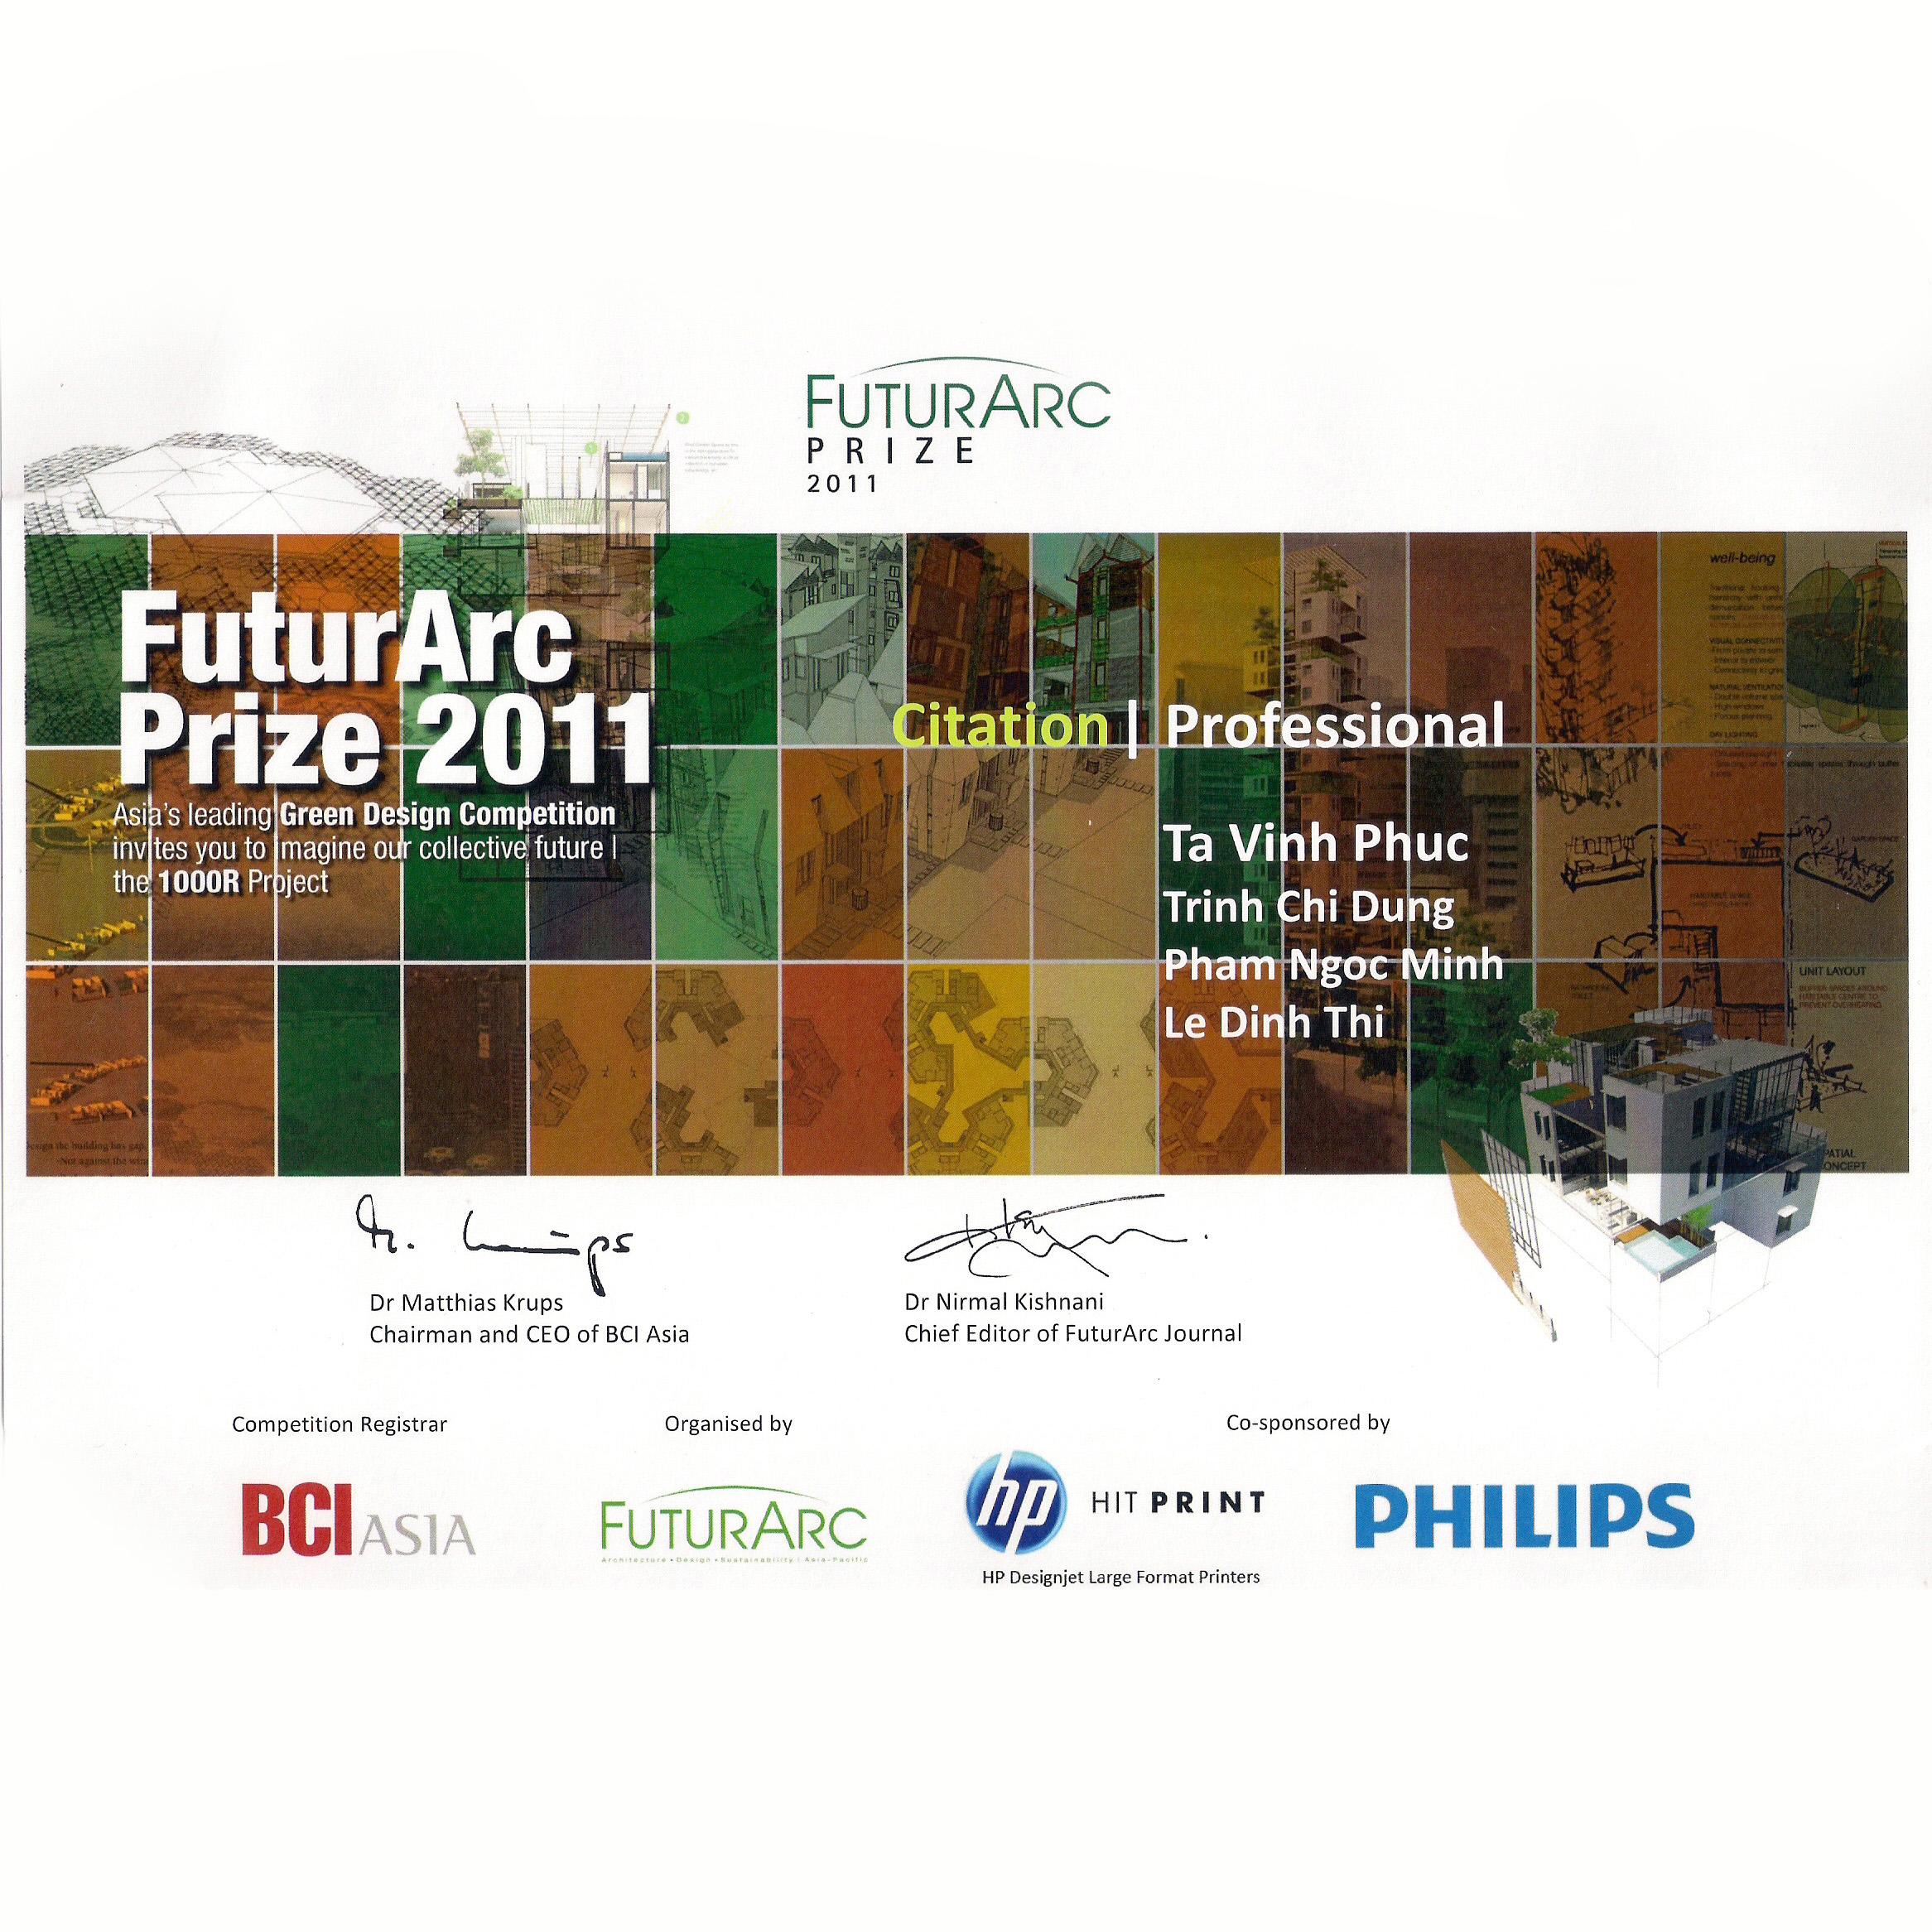 FuturARC Prize 2011